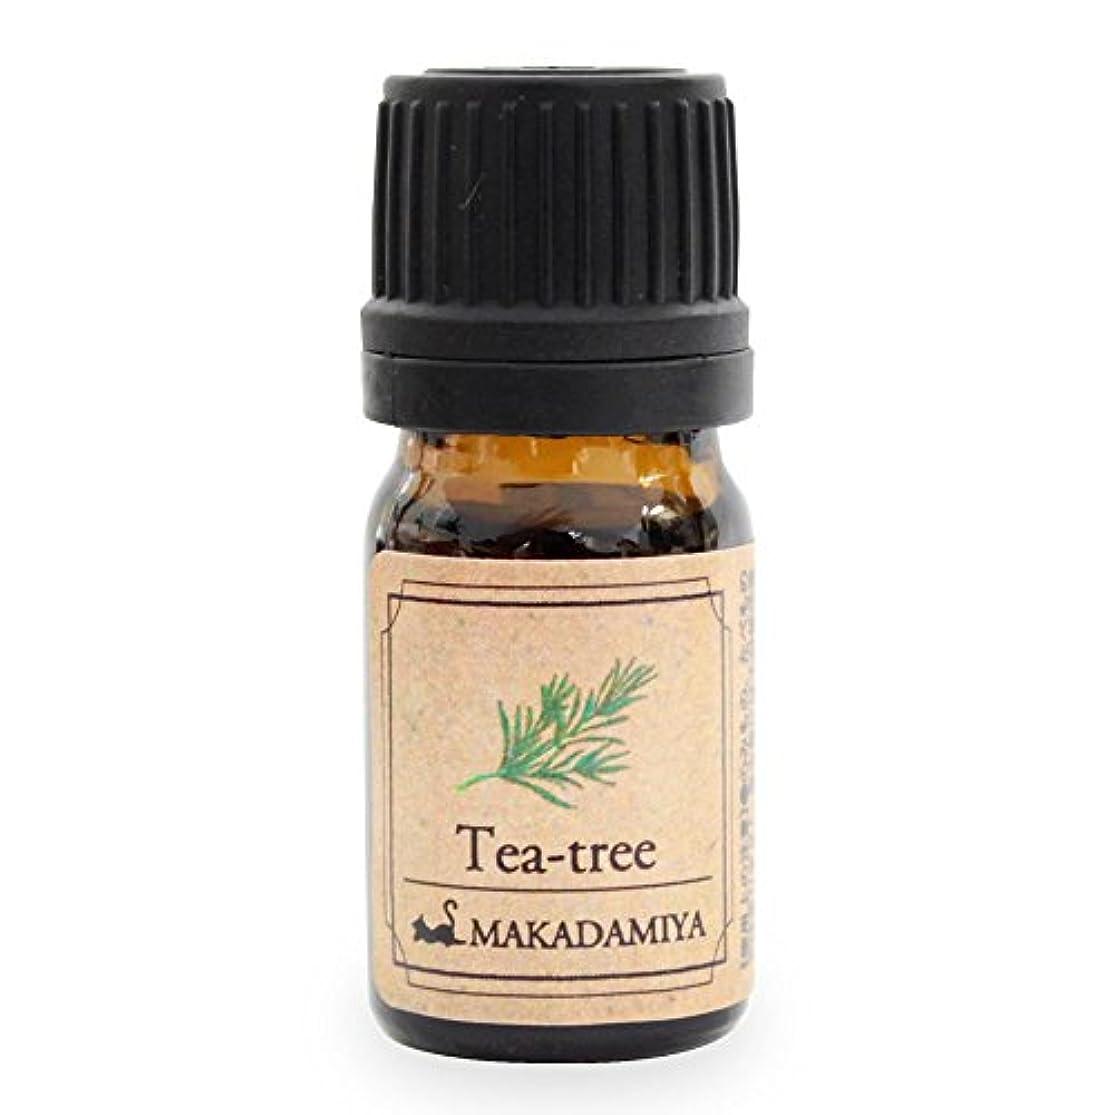 インセンティブ追加するアンプティーツリー5ml 天然100%植物性 エッセンシャルオイル(精油) アロマオイル アロママッサージ aroma Tea-tree